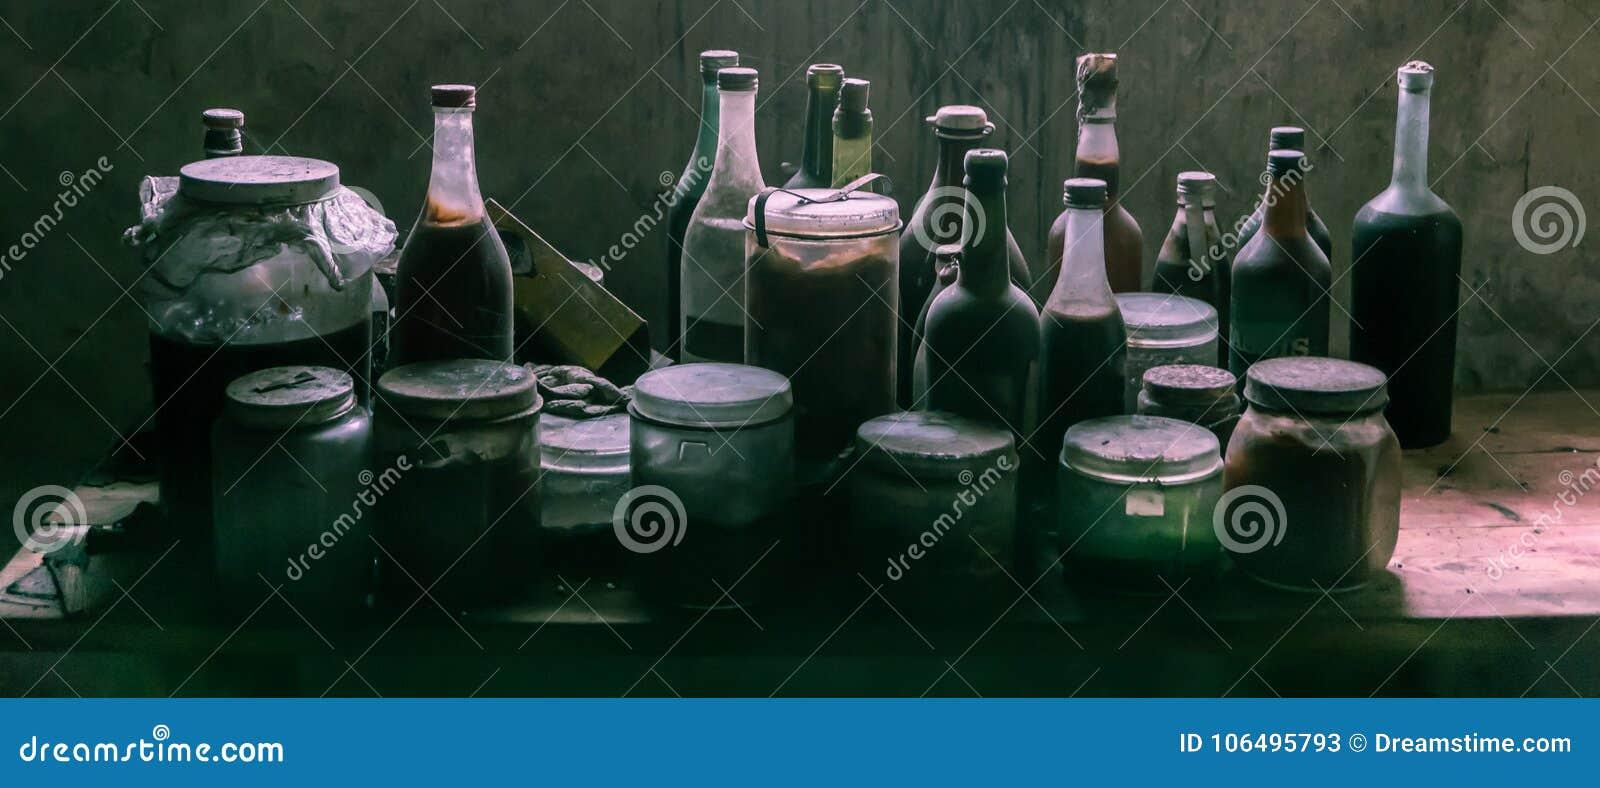 Garrafas de vidro e latas velhas empoeiradas com índice suspeito